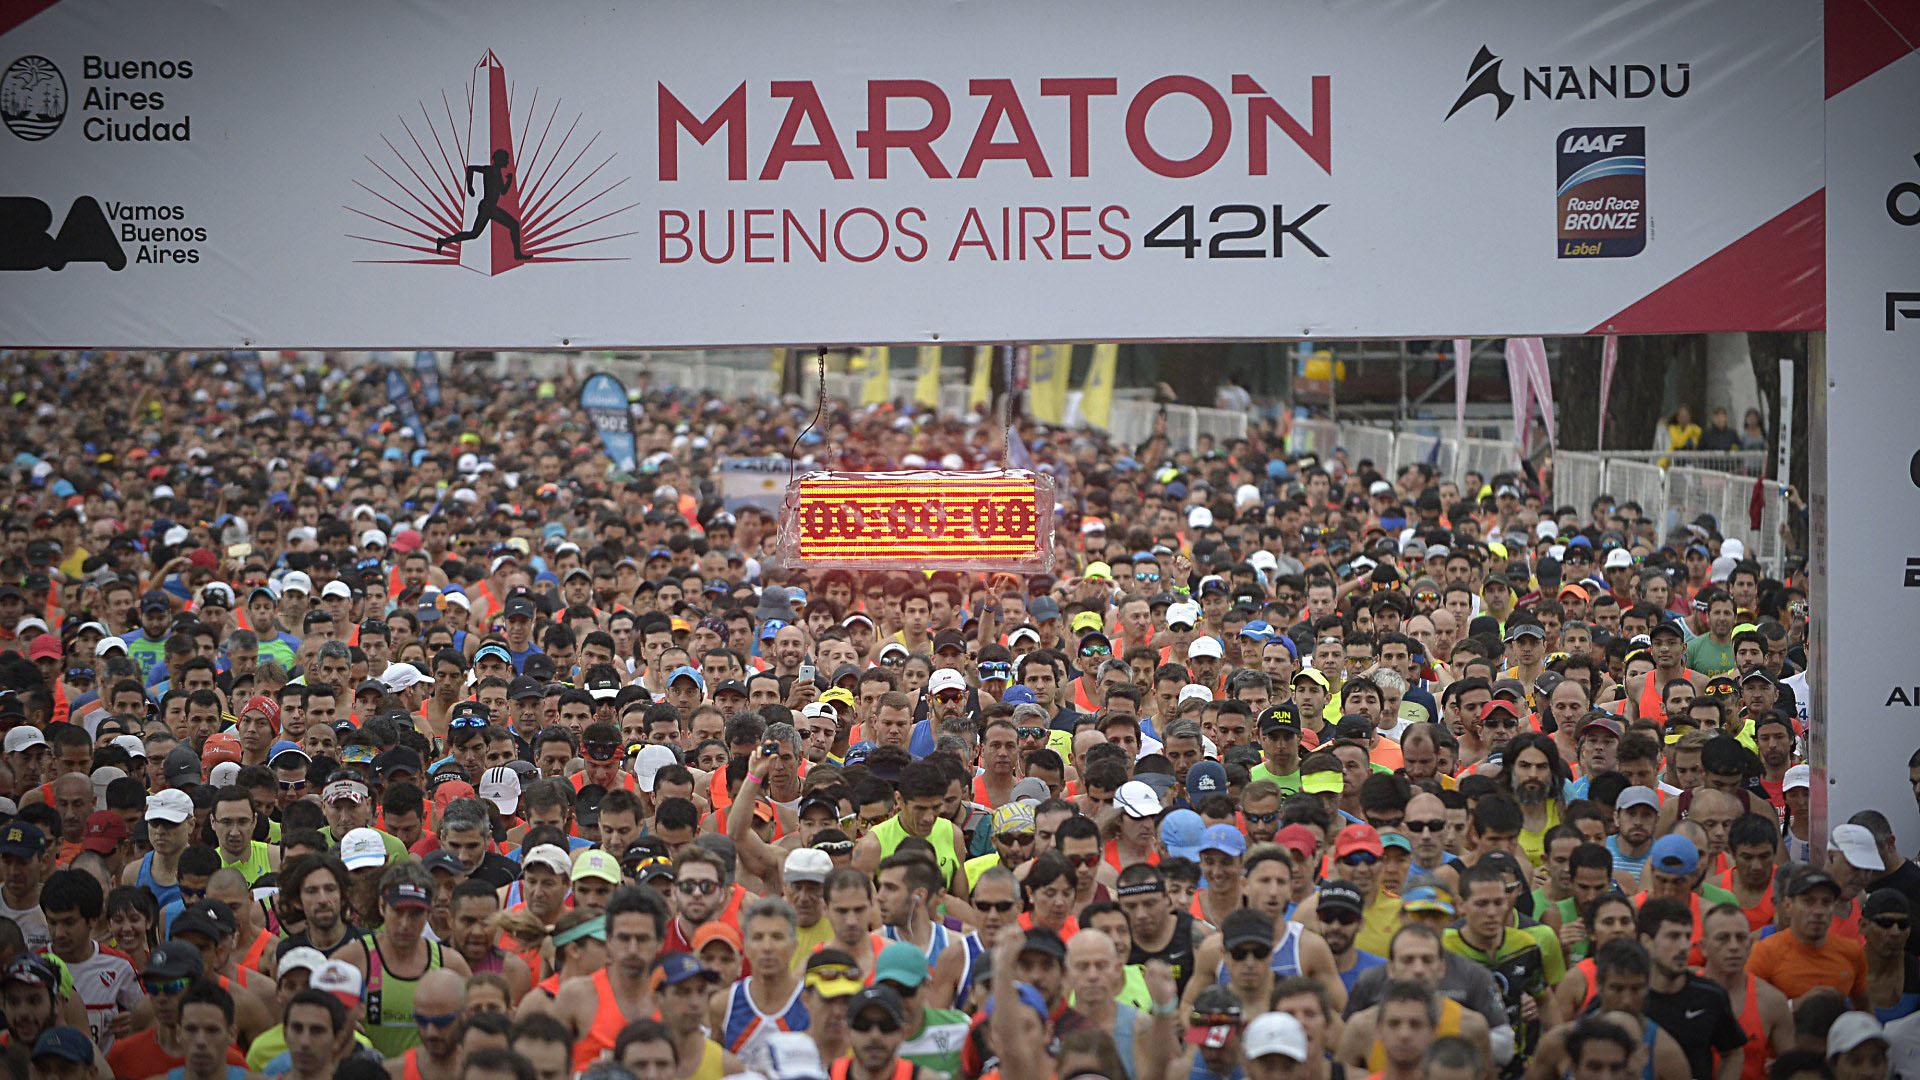 Desde Núñez hasta La Boca, la Ciudad se tiño de color y recibió a las multitudes de atletas locales e internacionales por la Maratón de Buenos Aires